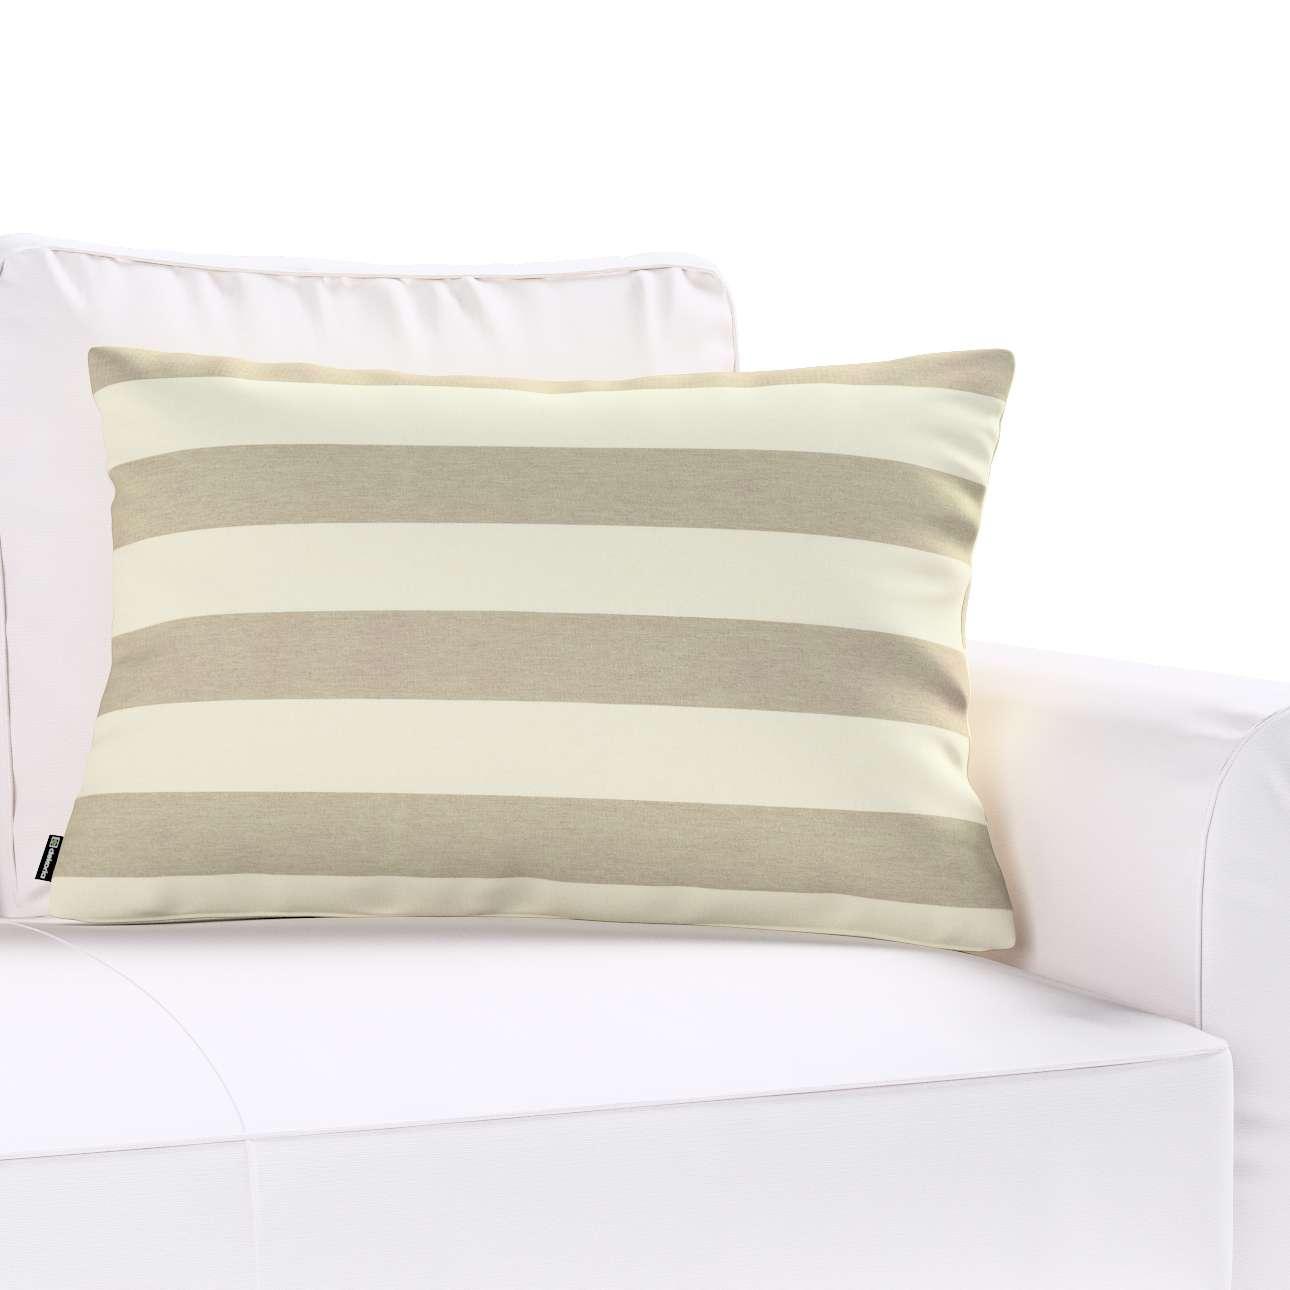 Poszewka Kinga na poduszkę prostokątną w kolekcji Quadro, tkanina: 142-73